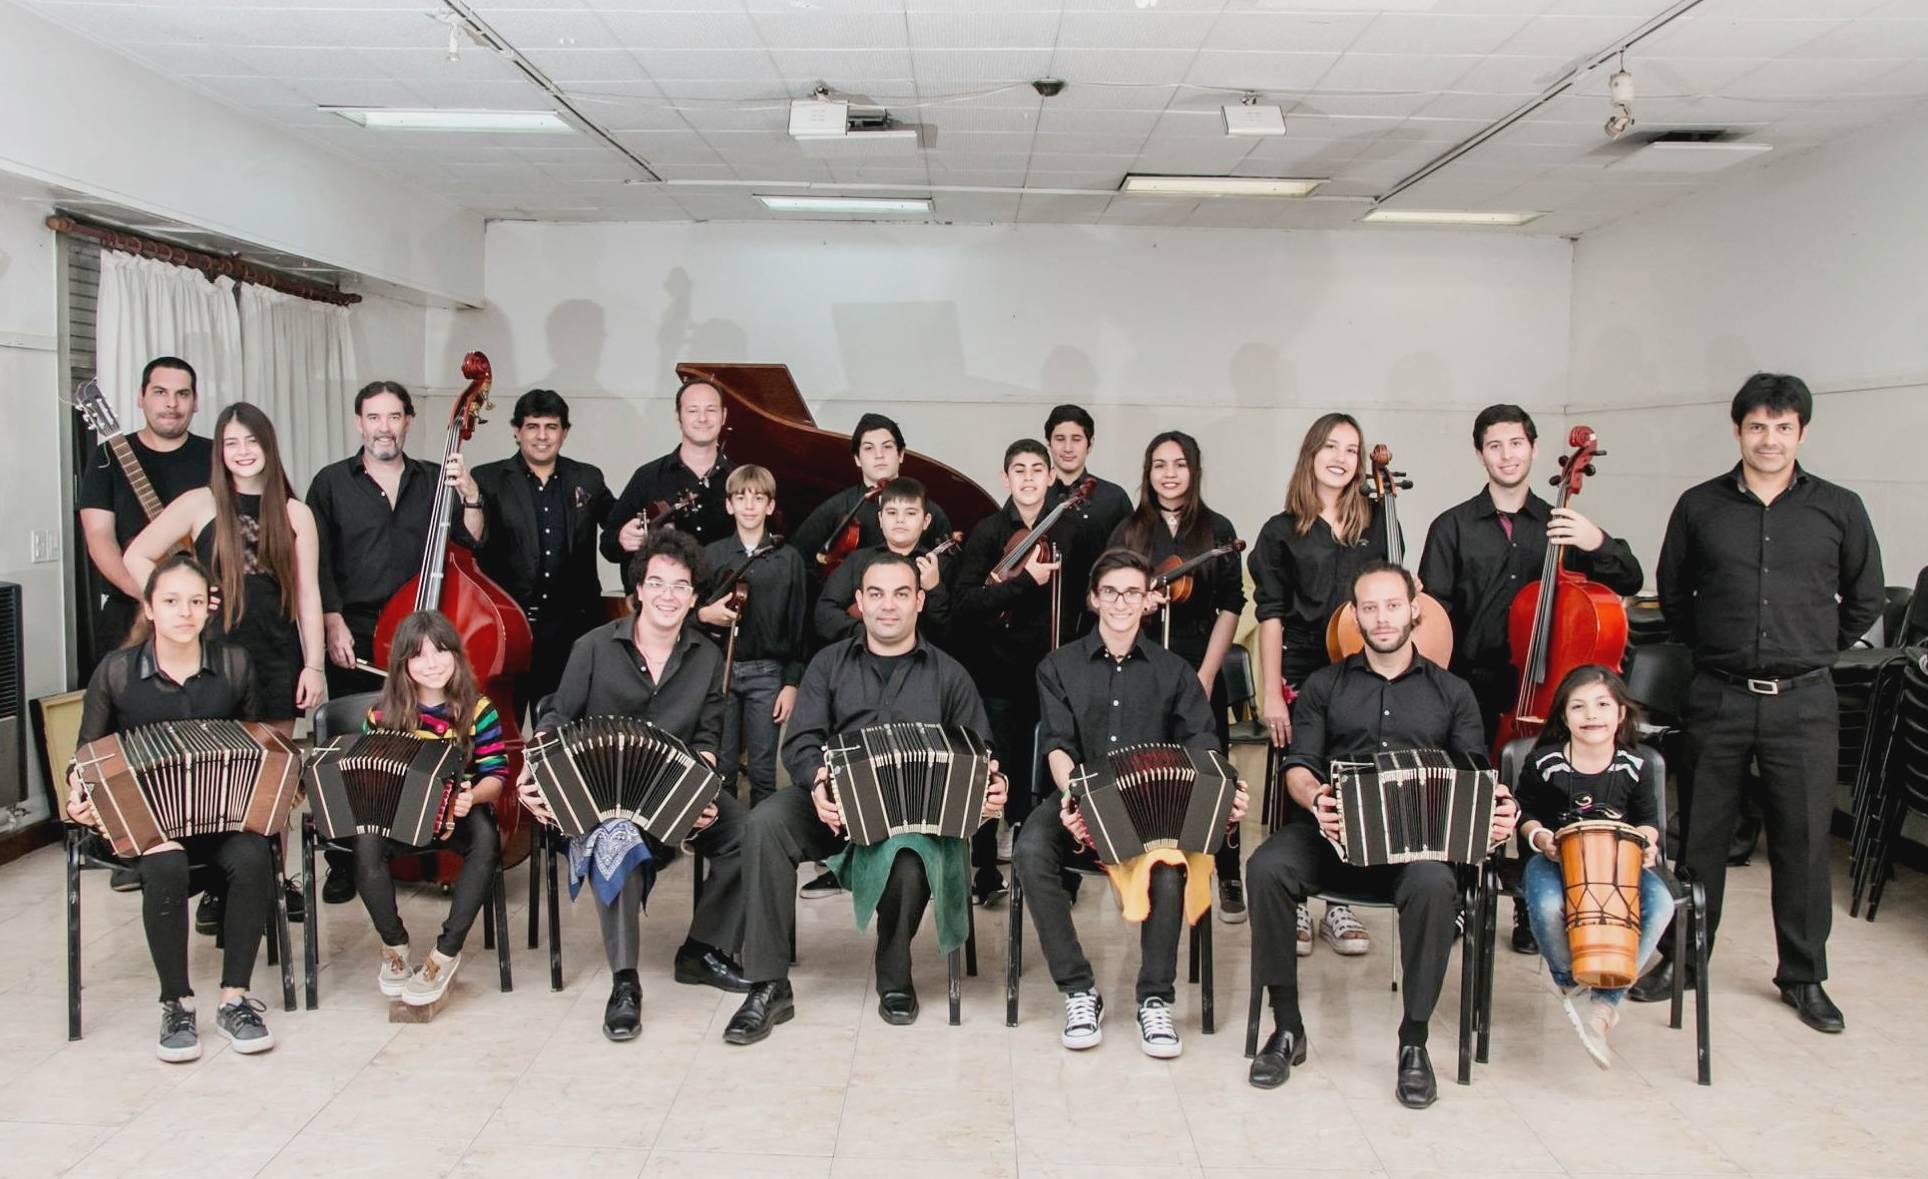 La Orquesta Típica Maracó.